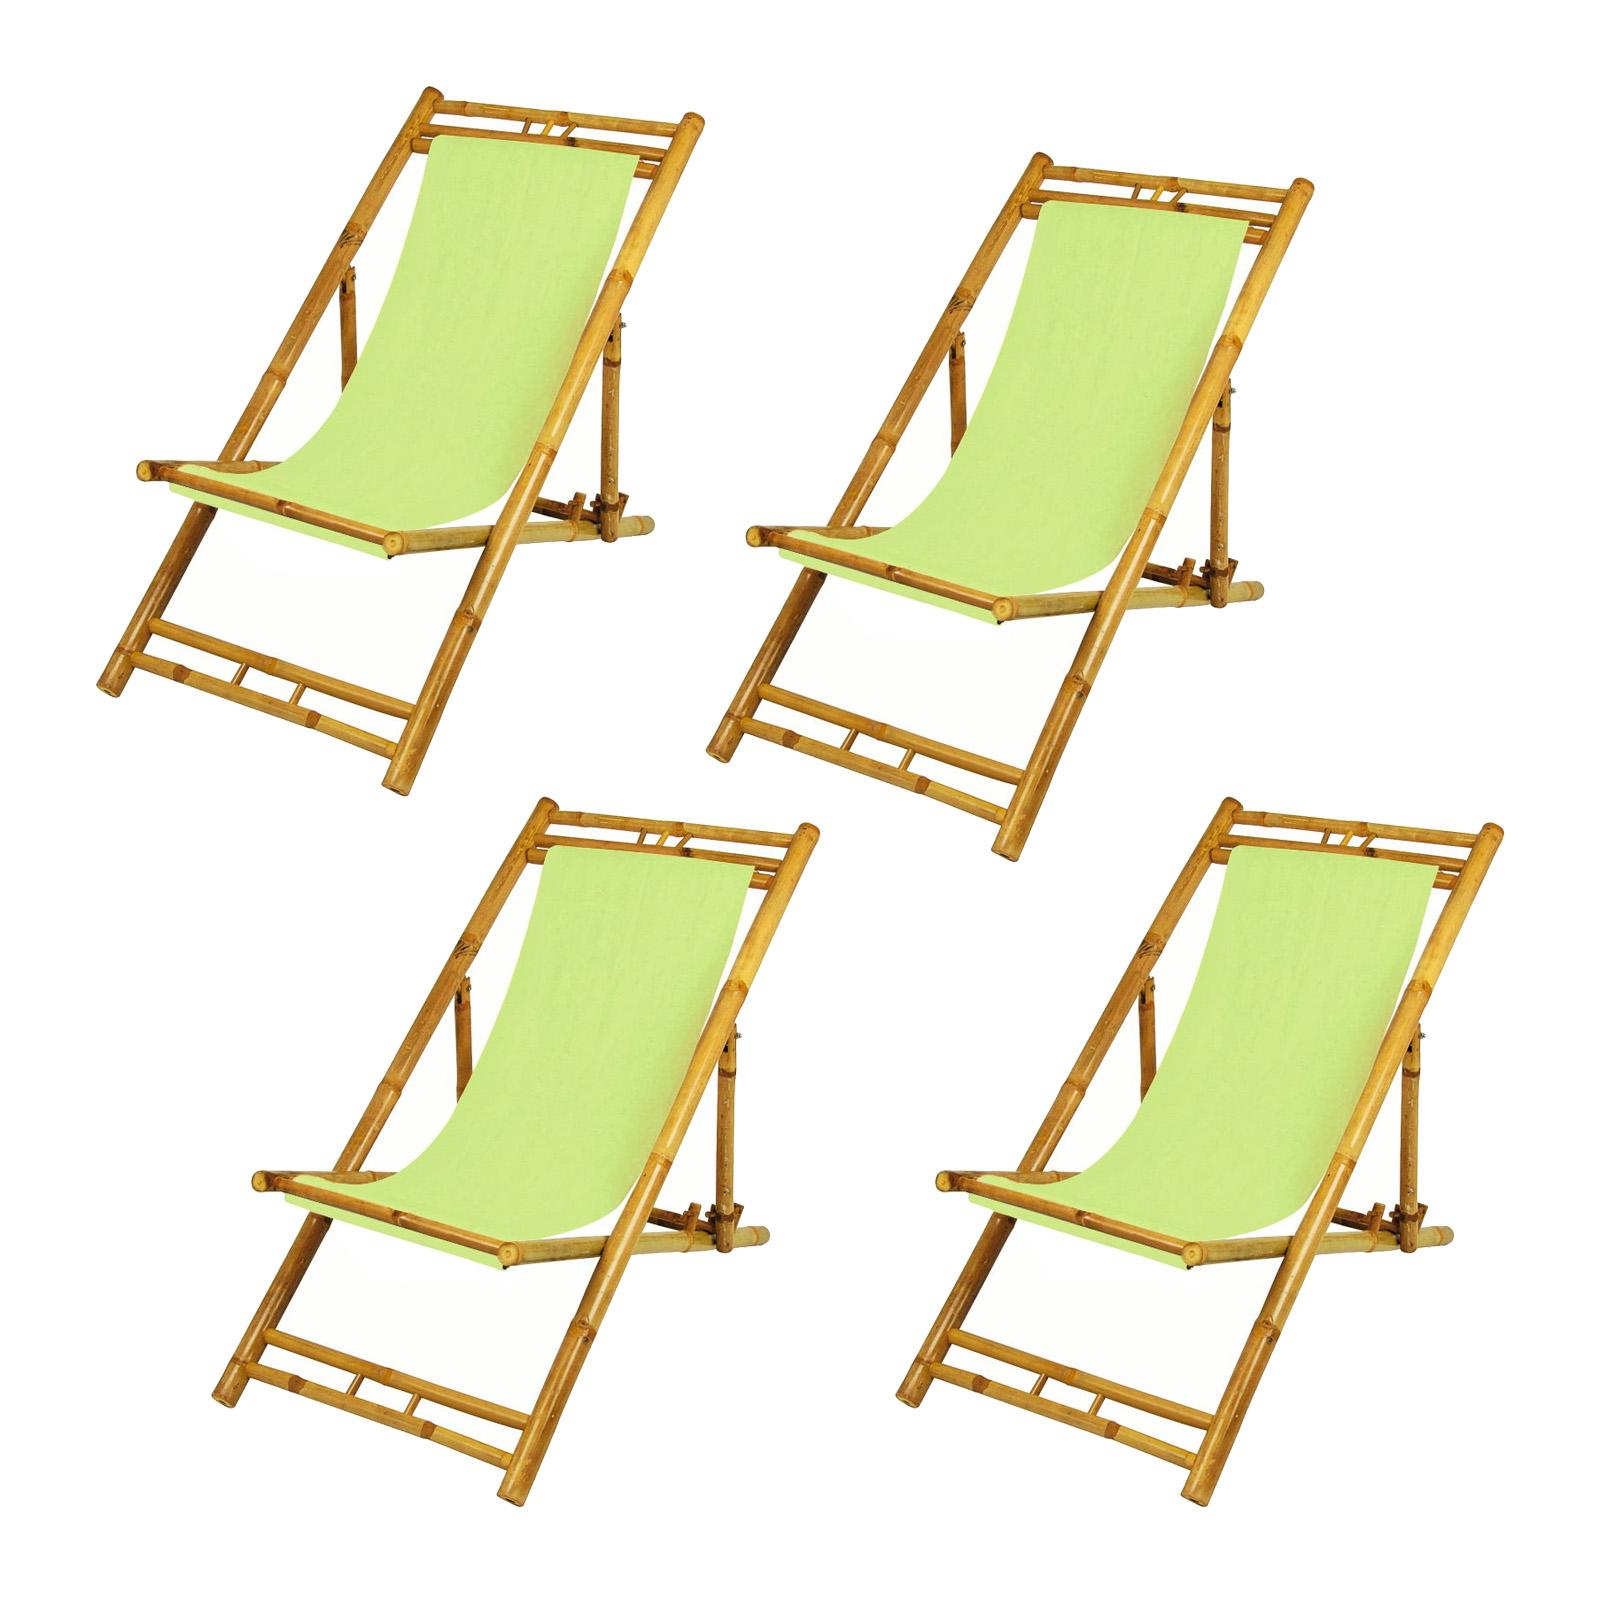 Full Size of Wohnzimmer Liegestuhl Ikea Designer Relax Paket 4bambus Relaliegestuhl Garten Stuhl Sonnenliege Holz Bilder Modern Schrankwand Rollo Deckenstrahler Teppich Wohnzimmer Wohnzimmer Liegestuhl